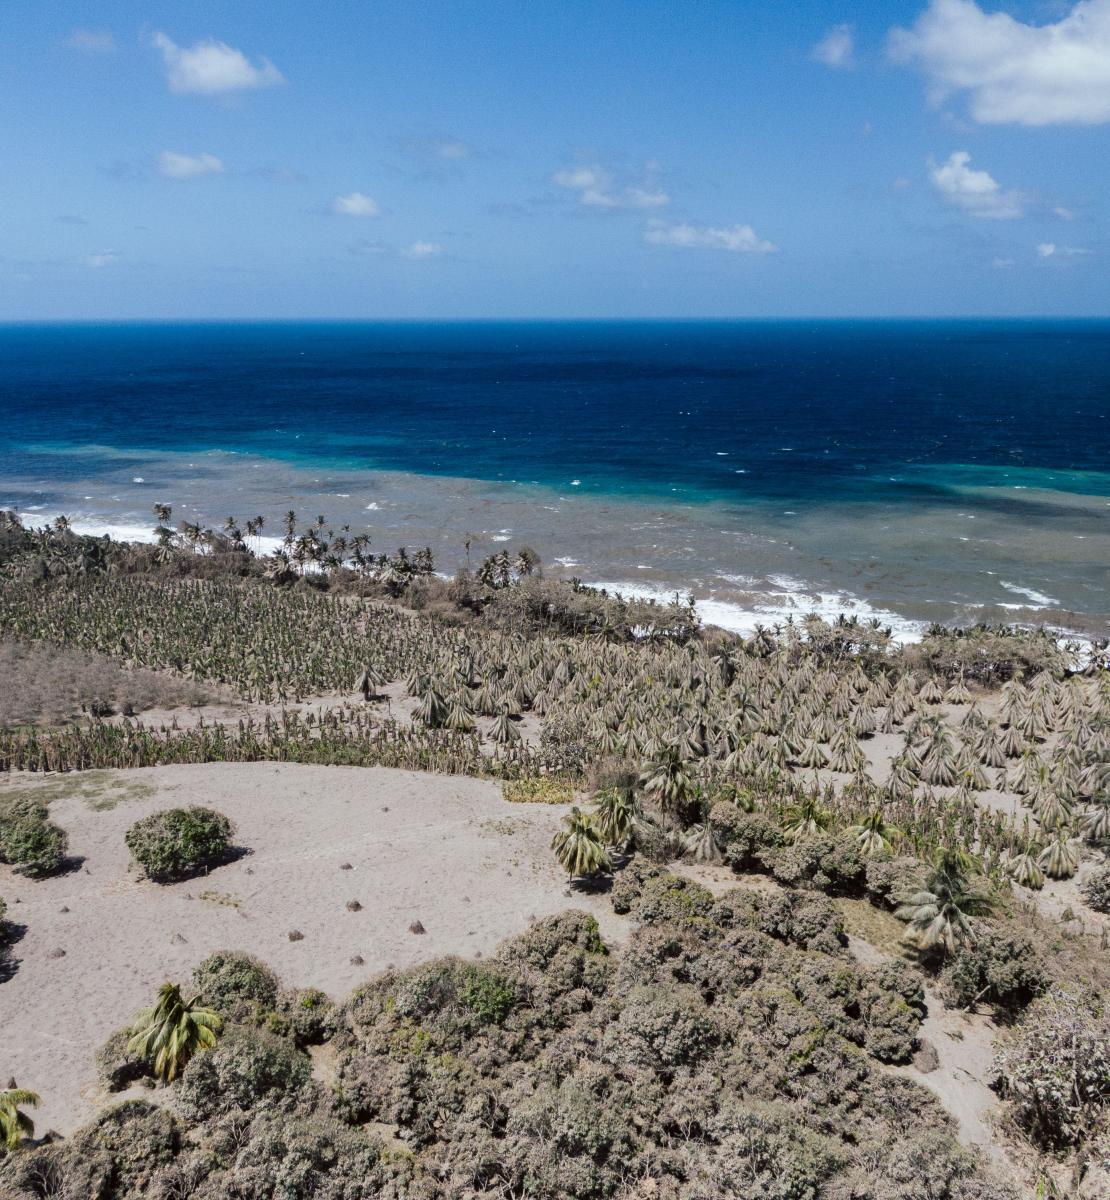 Photo aérienne d'un paysage où l'on aperçoit un rivage, du sable, des rochers et de la végétation.